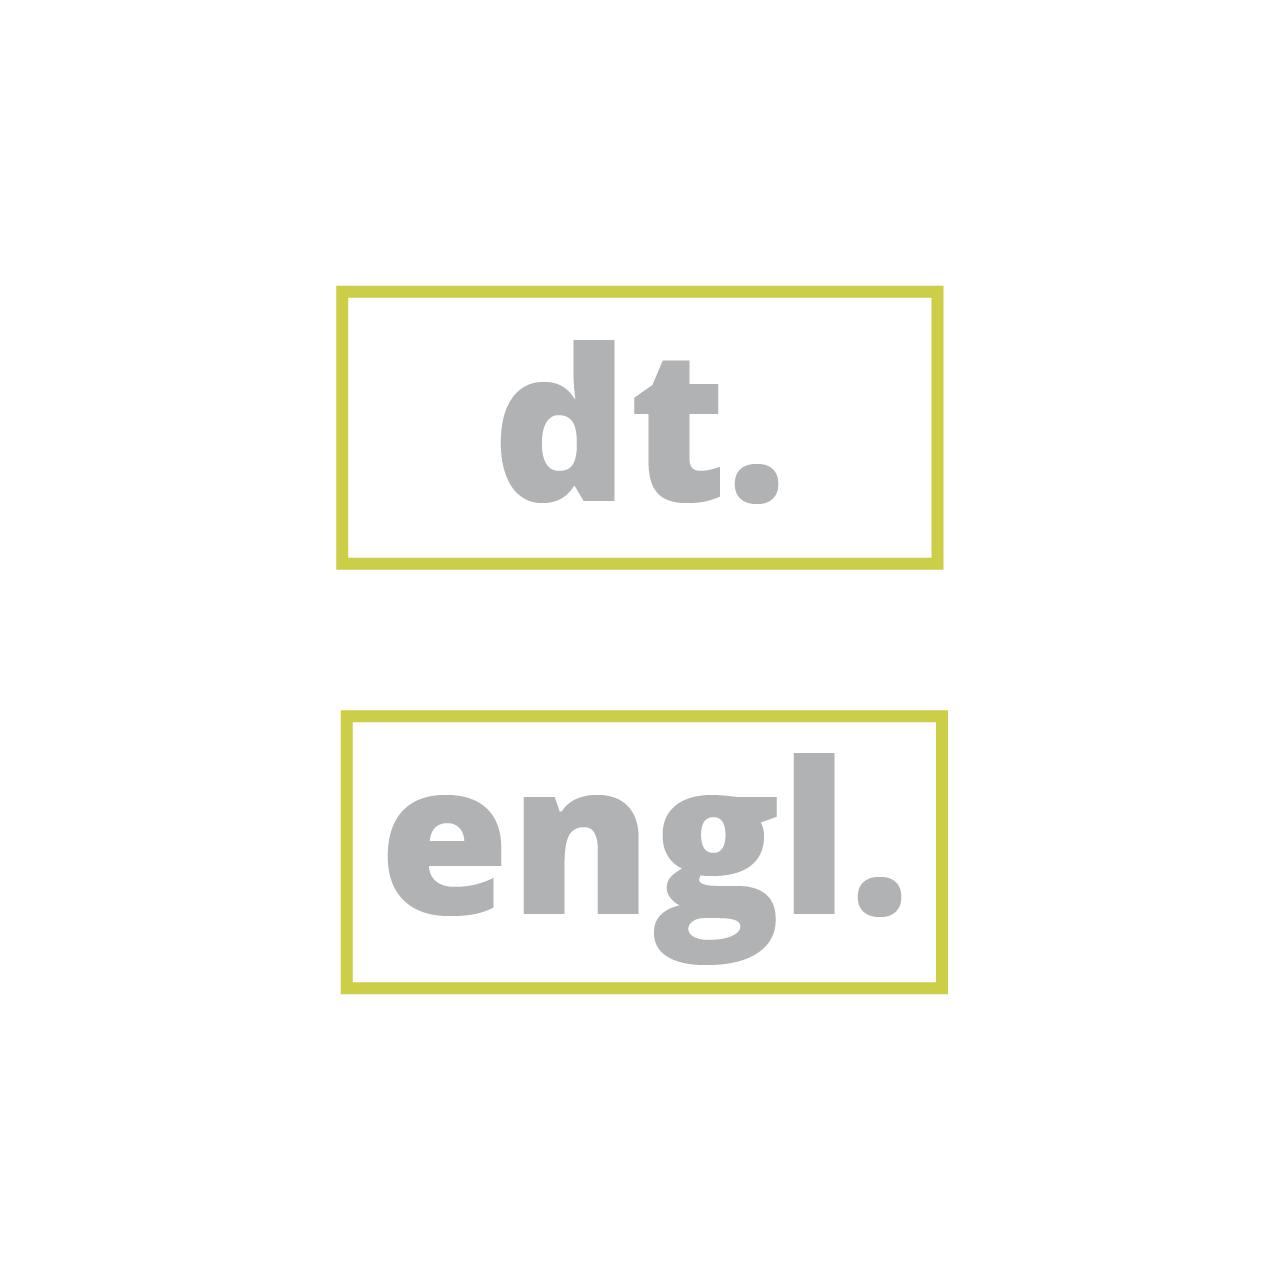 Extras_gruen_2_Sprachen_deutsch_englisch